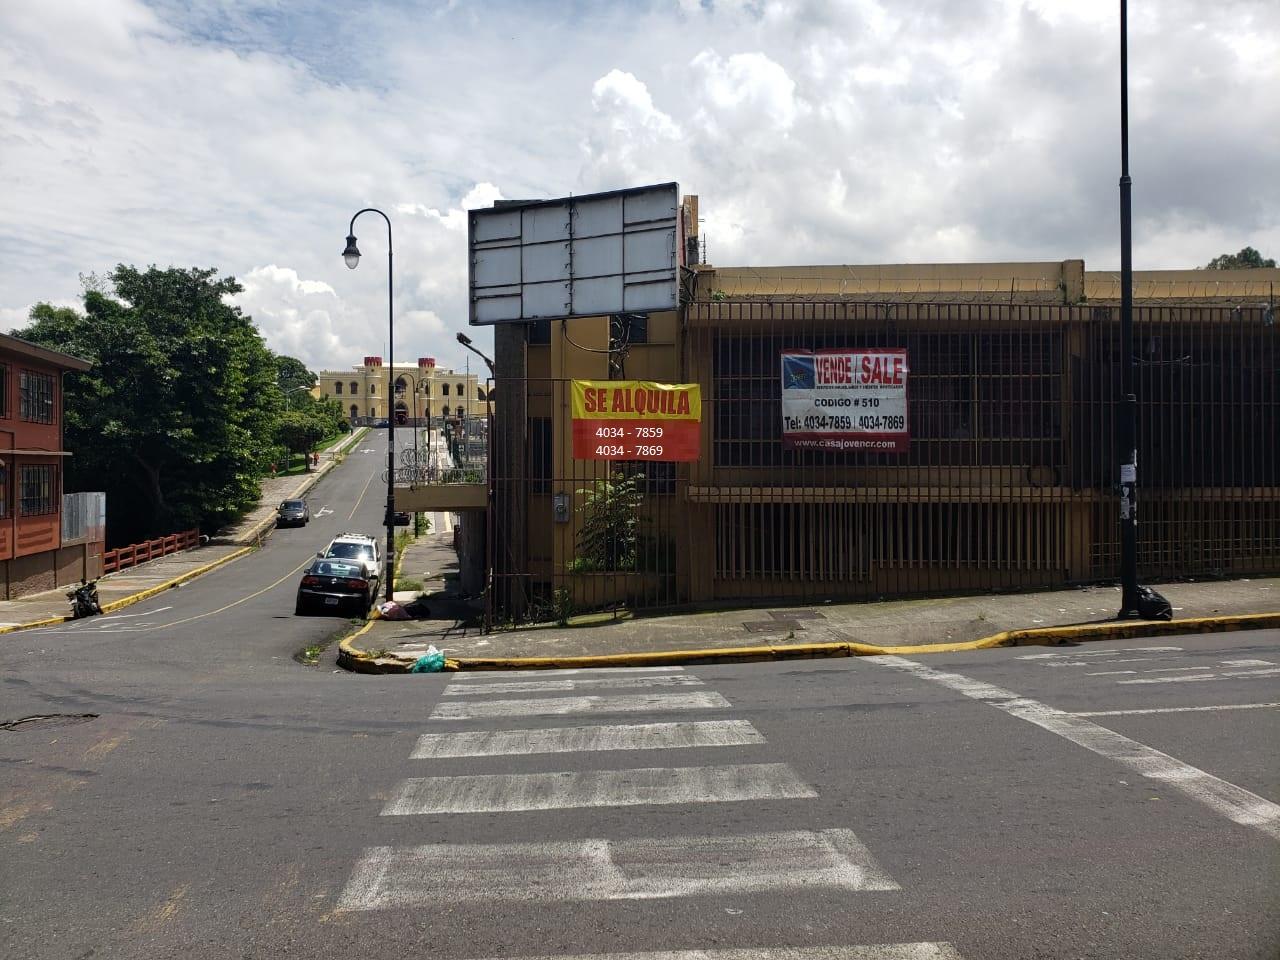 510 Se Vende Edificio Comercial cerca del museo de los niños